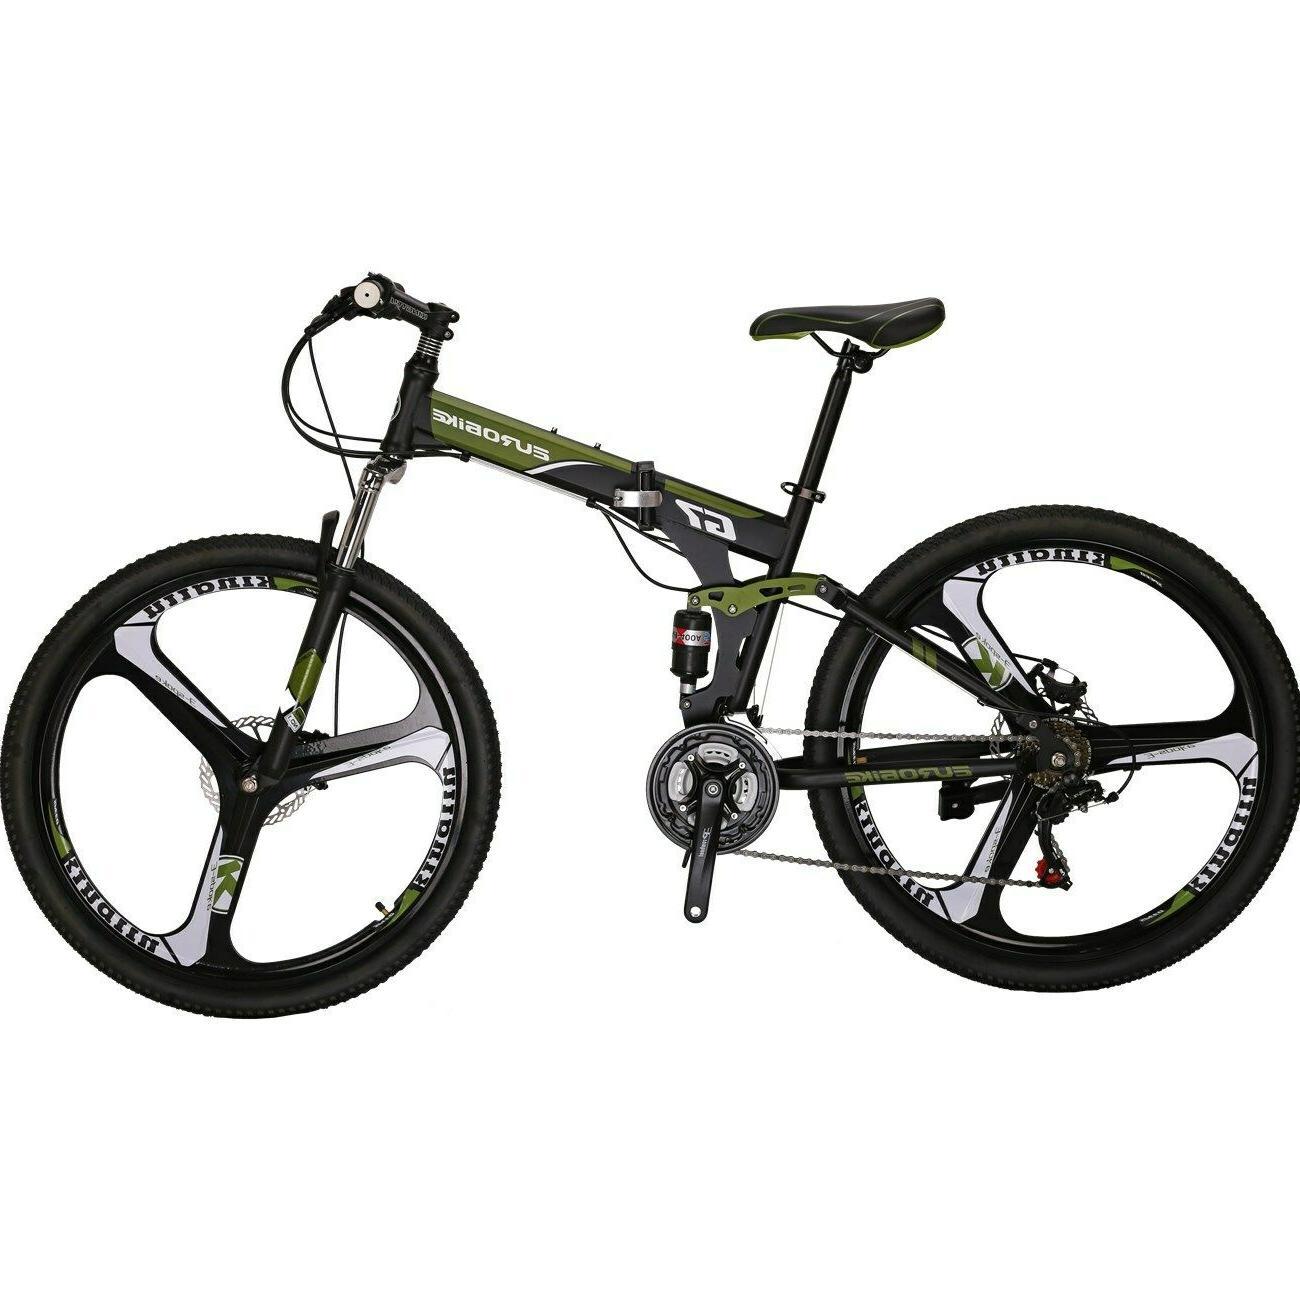 G7 Folding 21 Full Disc Brake Bicycle